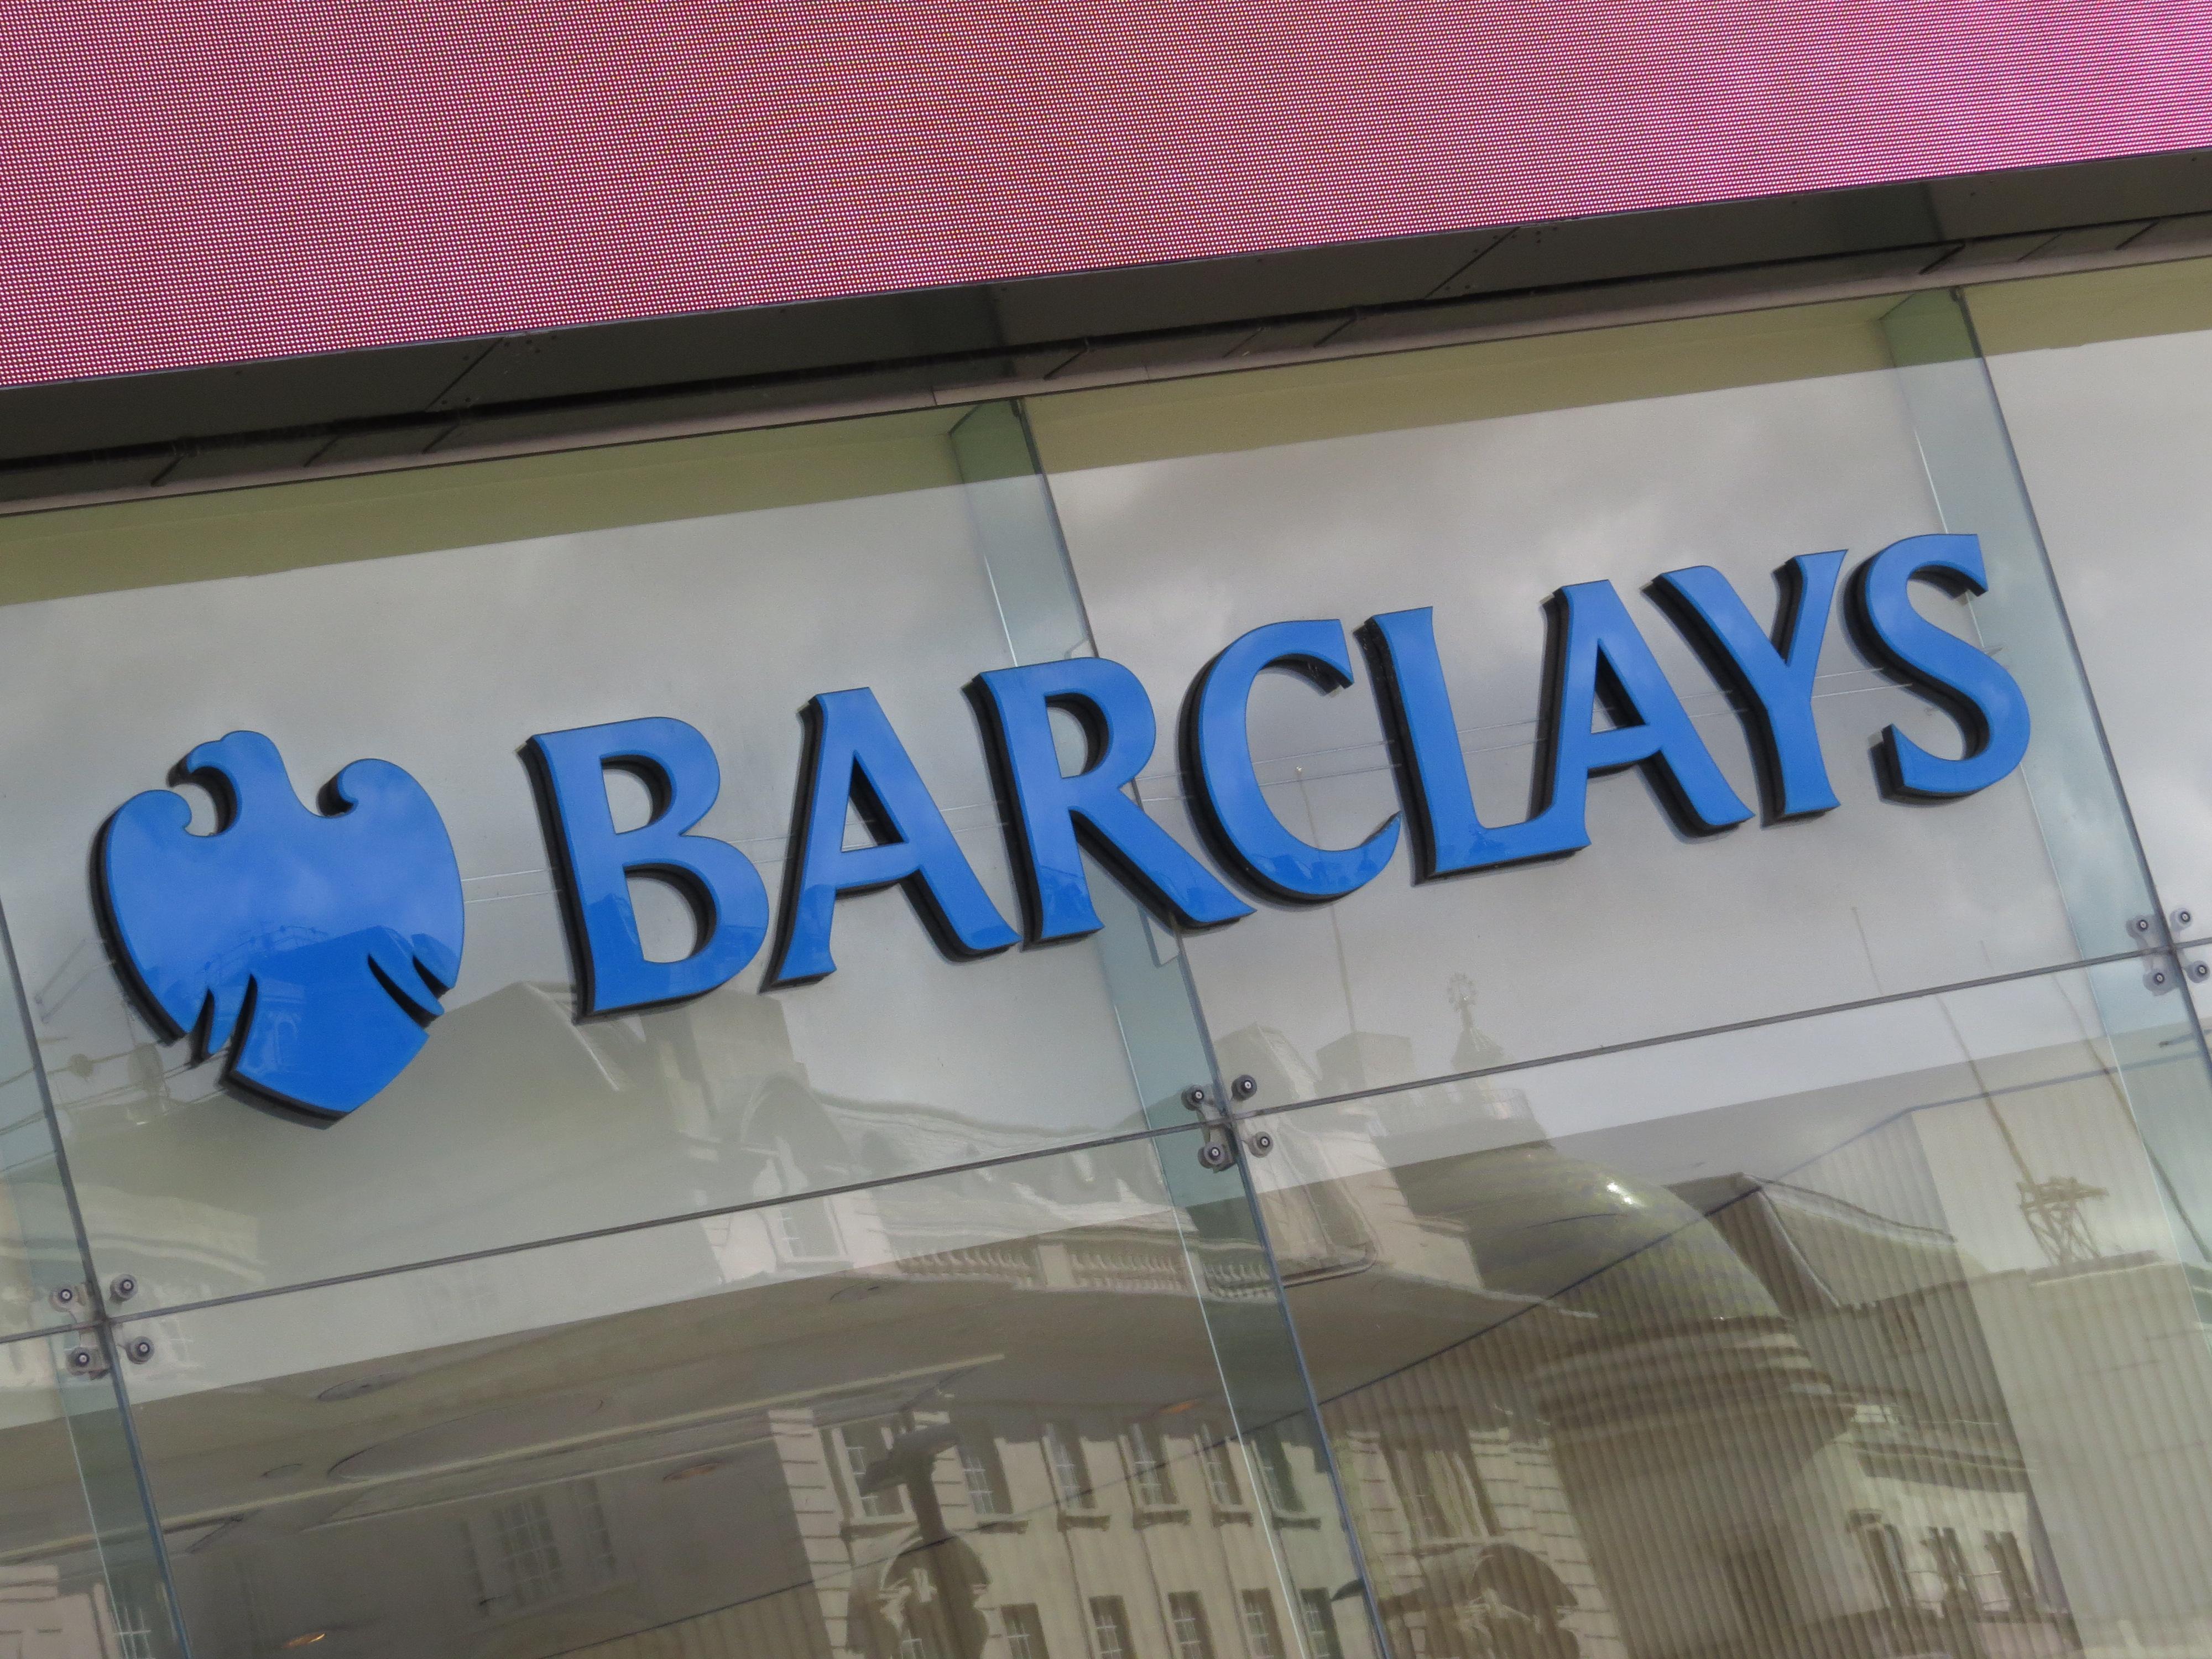 Barclays pone en venta su sede de col n por unos 55 for Barclays oficinas madrid